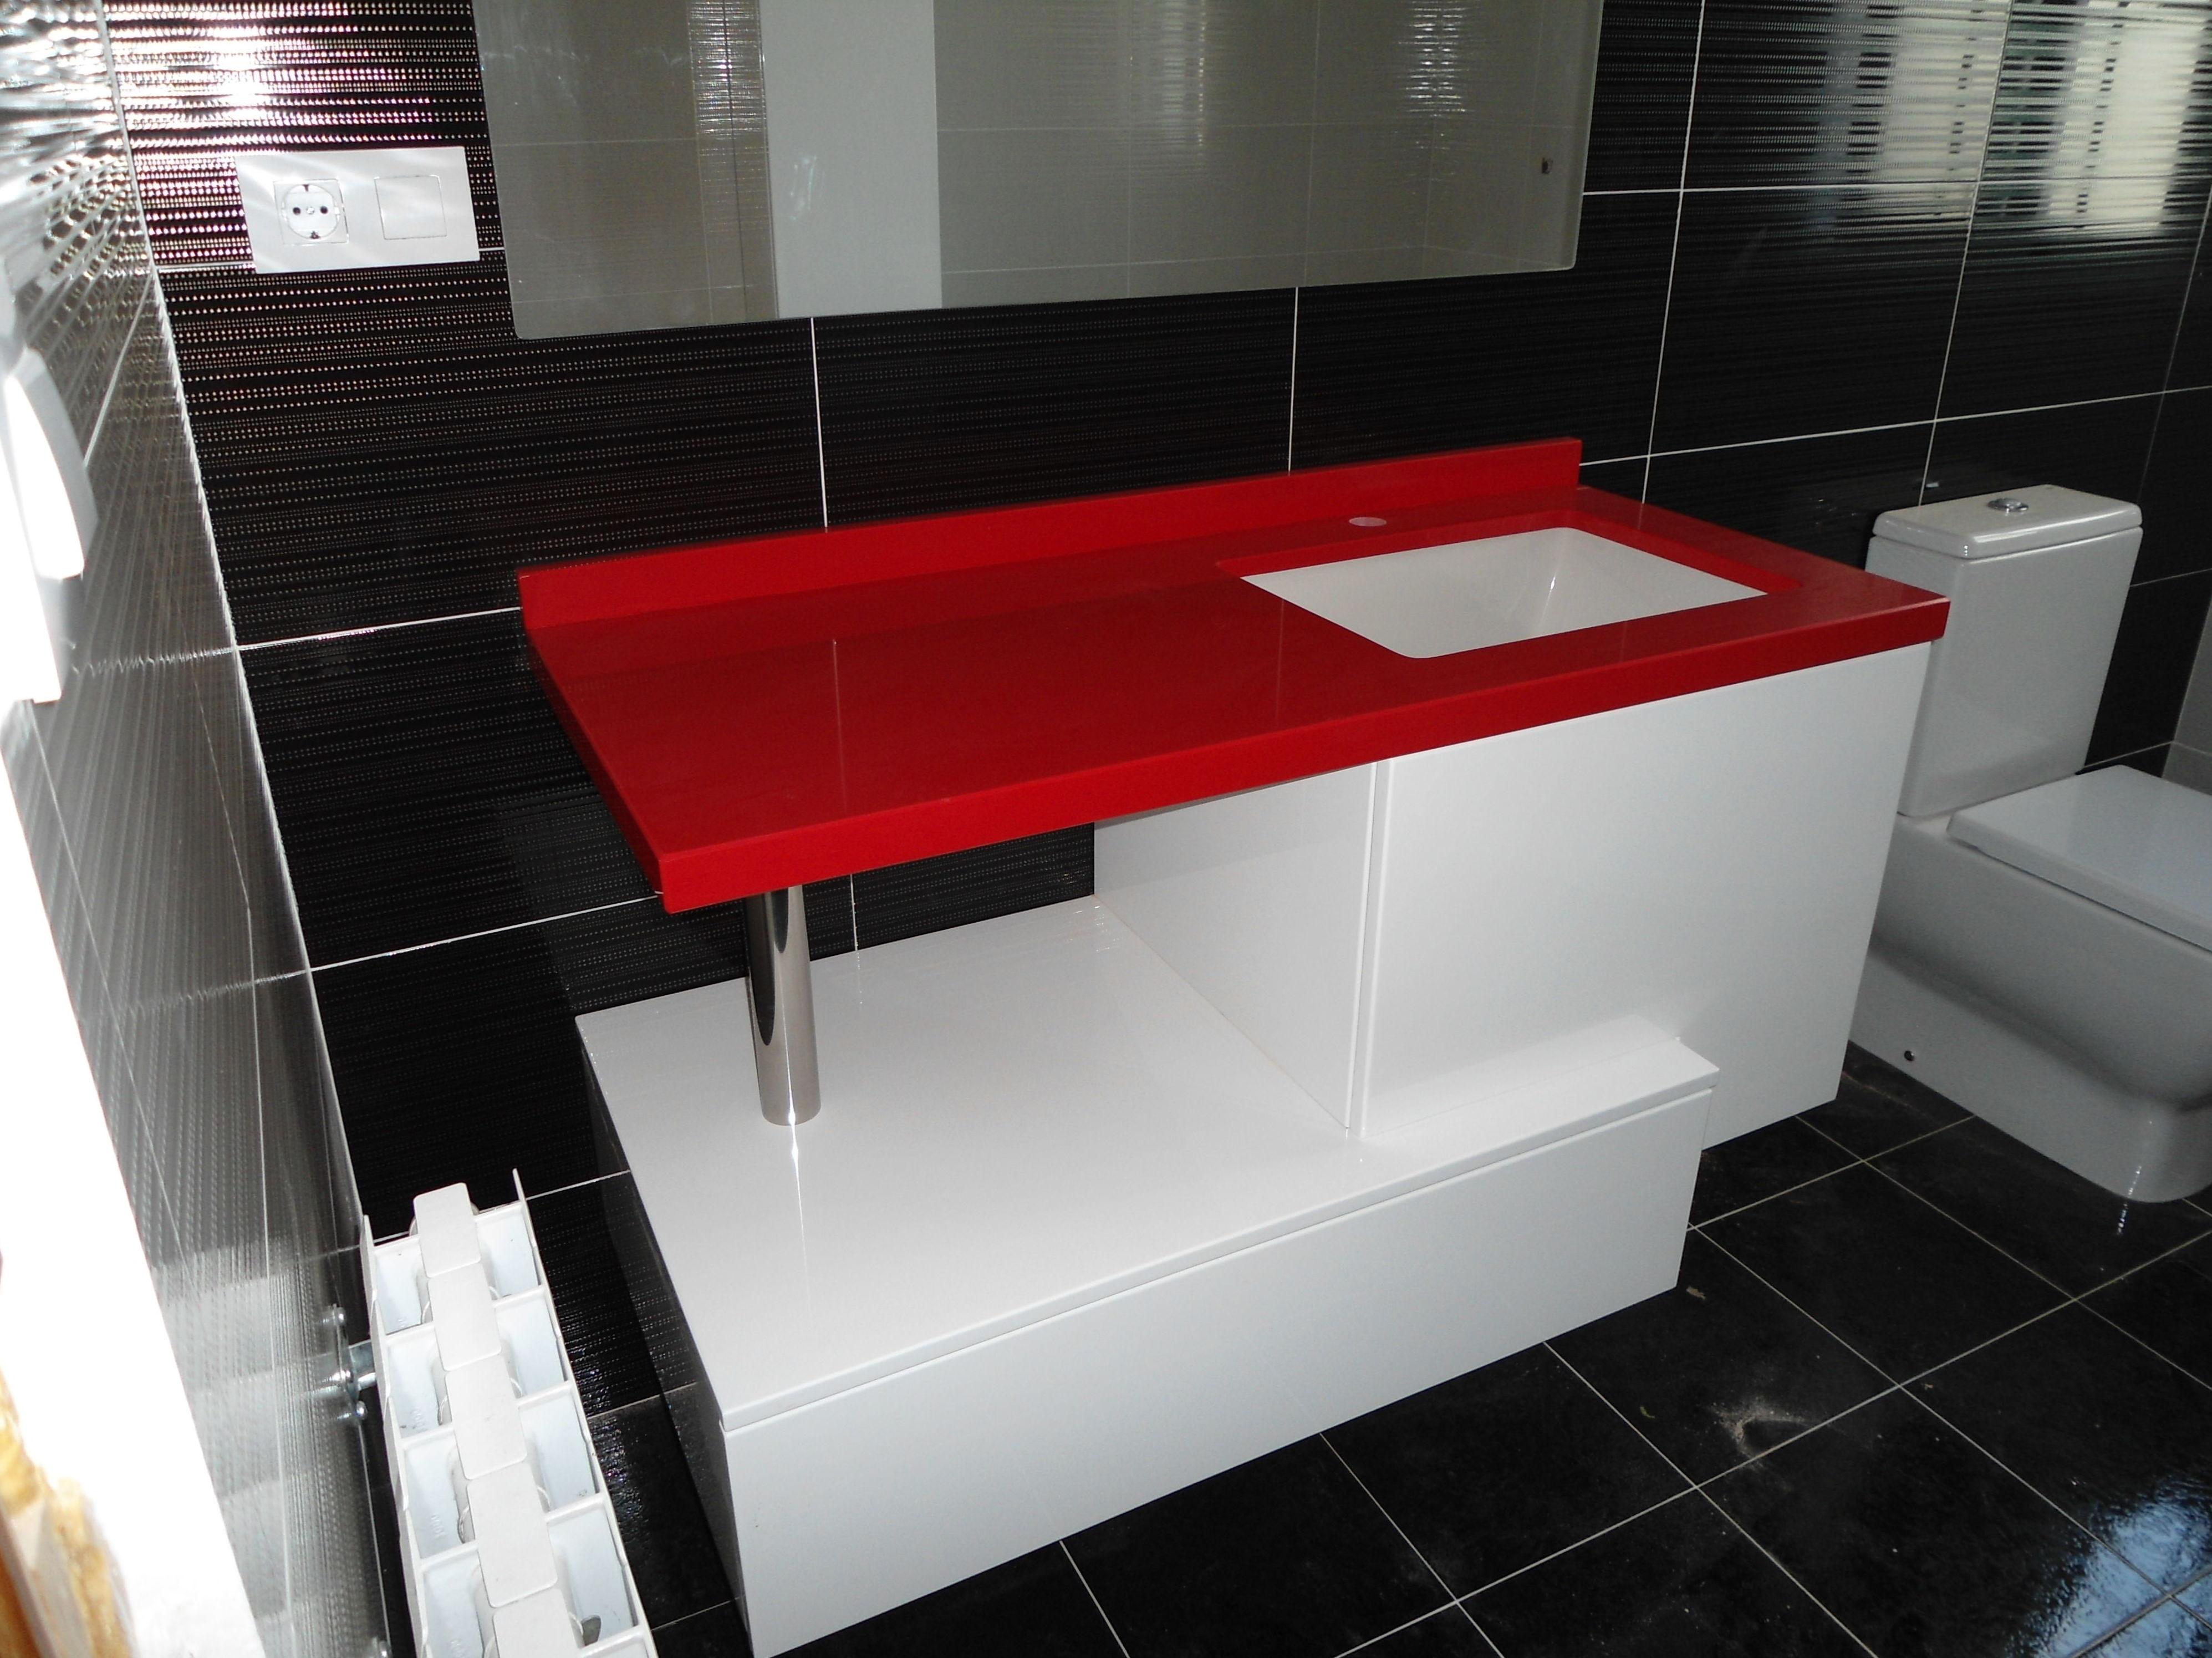 foto 9 de muebles de cocina, baño, vestidores y armarios a medida ... - Muebles De Cocina Y Bano